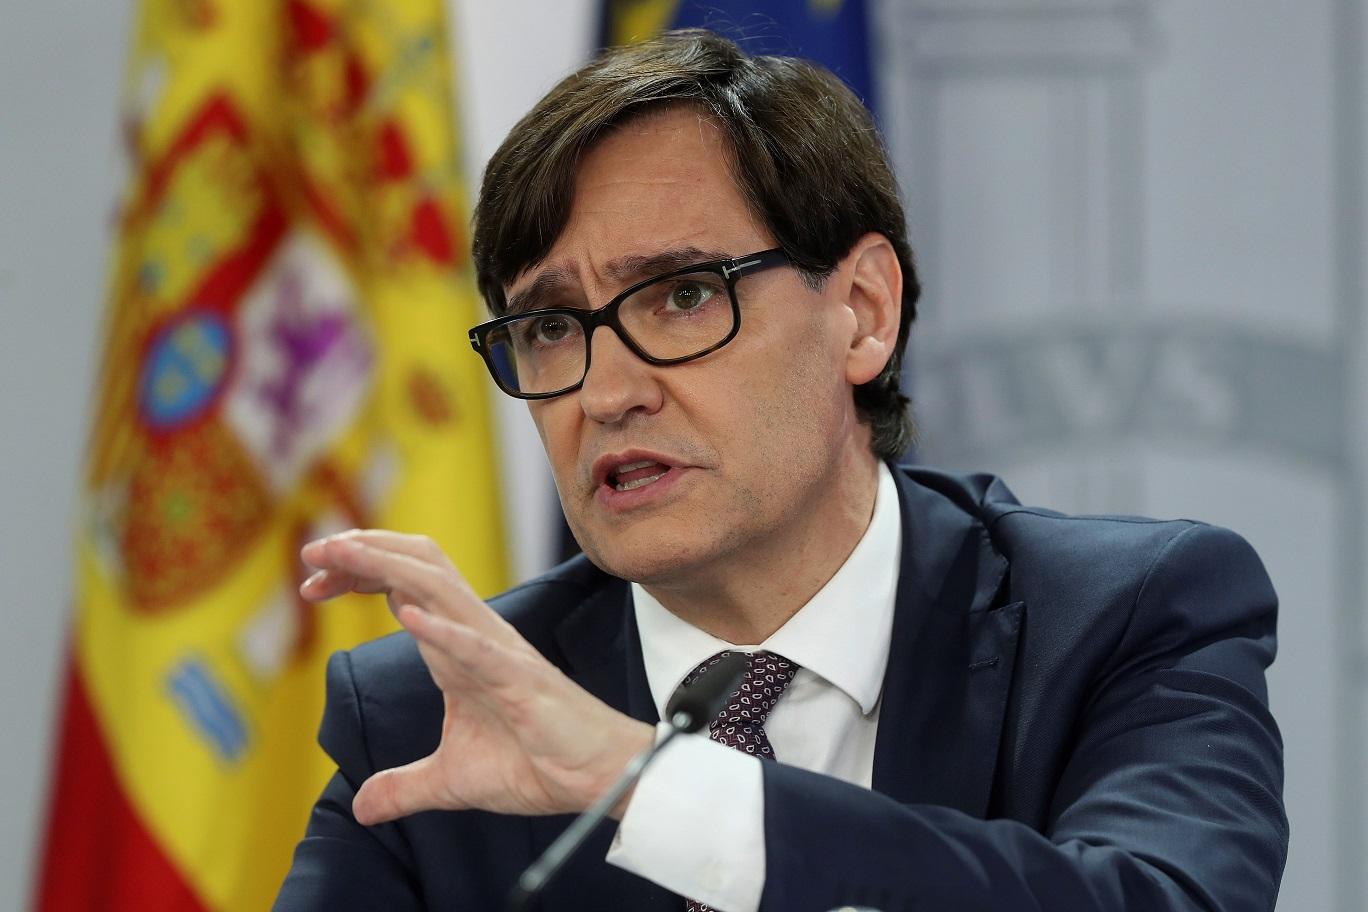 El ministro de Sanidad, Salvador Illa, asegura que el confinamiento domiciliario no es una opción para afrontar la tercera ola de coronavirus en España | EFE/Archivo